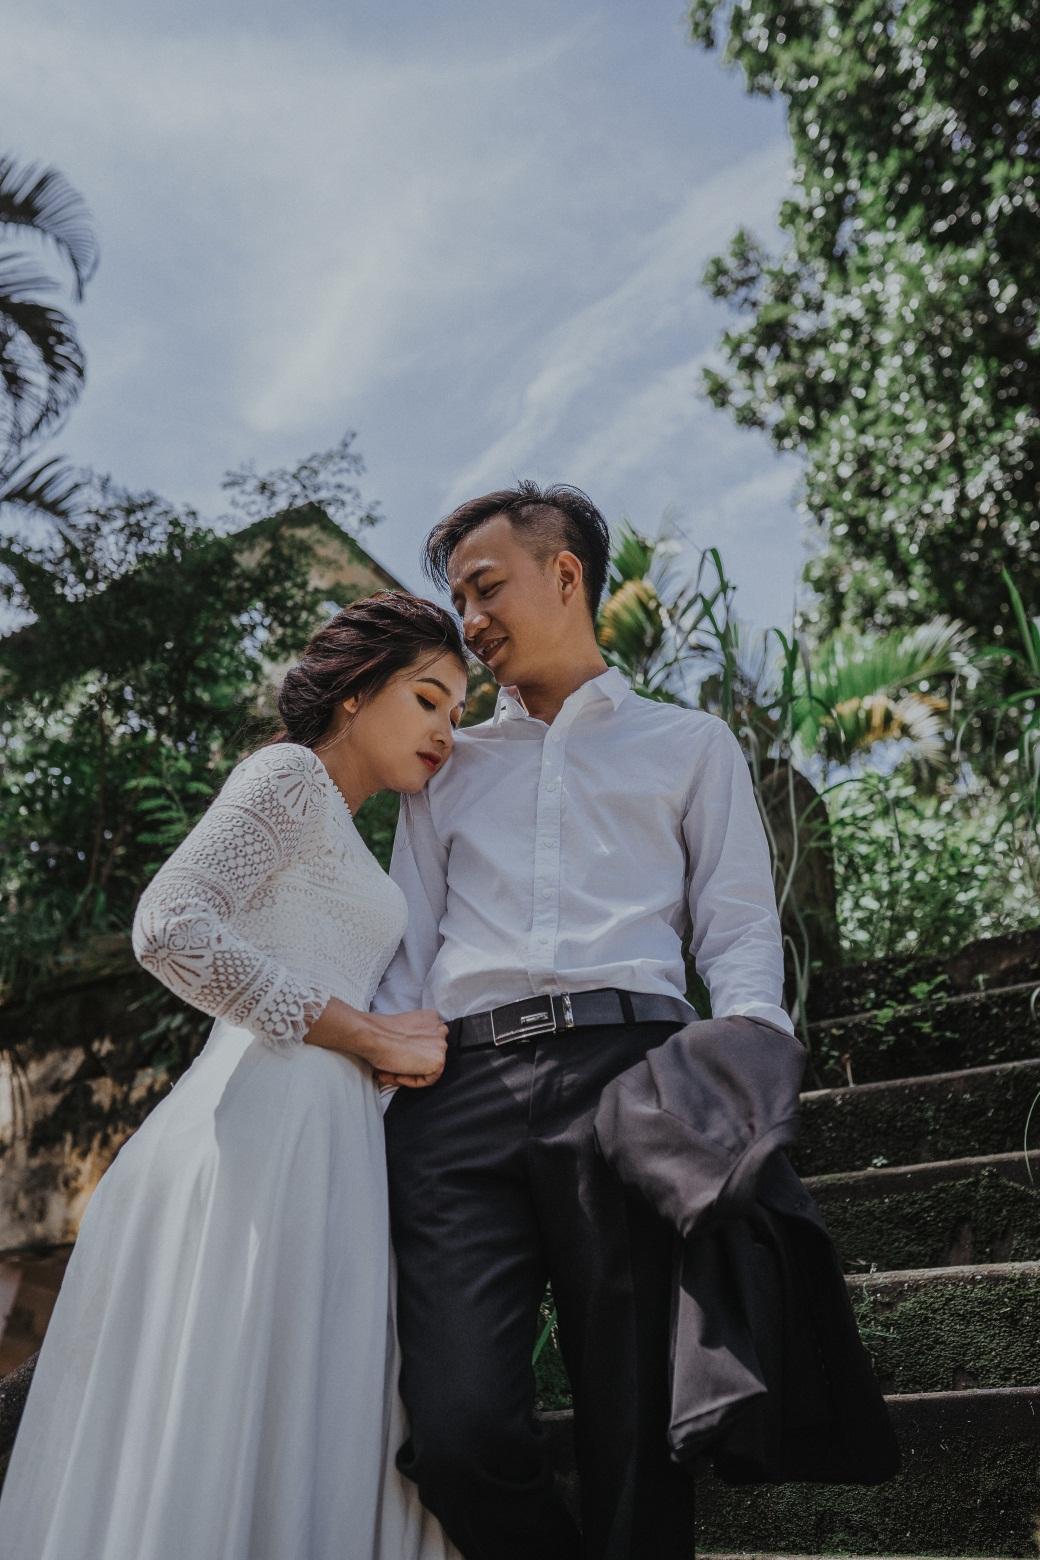 Phong cách đơn giản lên ngôi trong mùa chụp ảnh cưới 2018 - Ảnh 5.